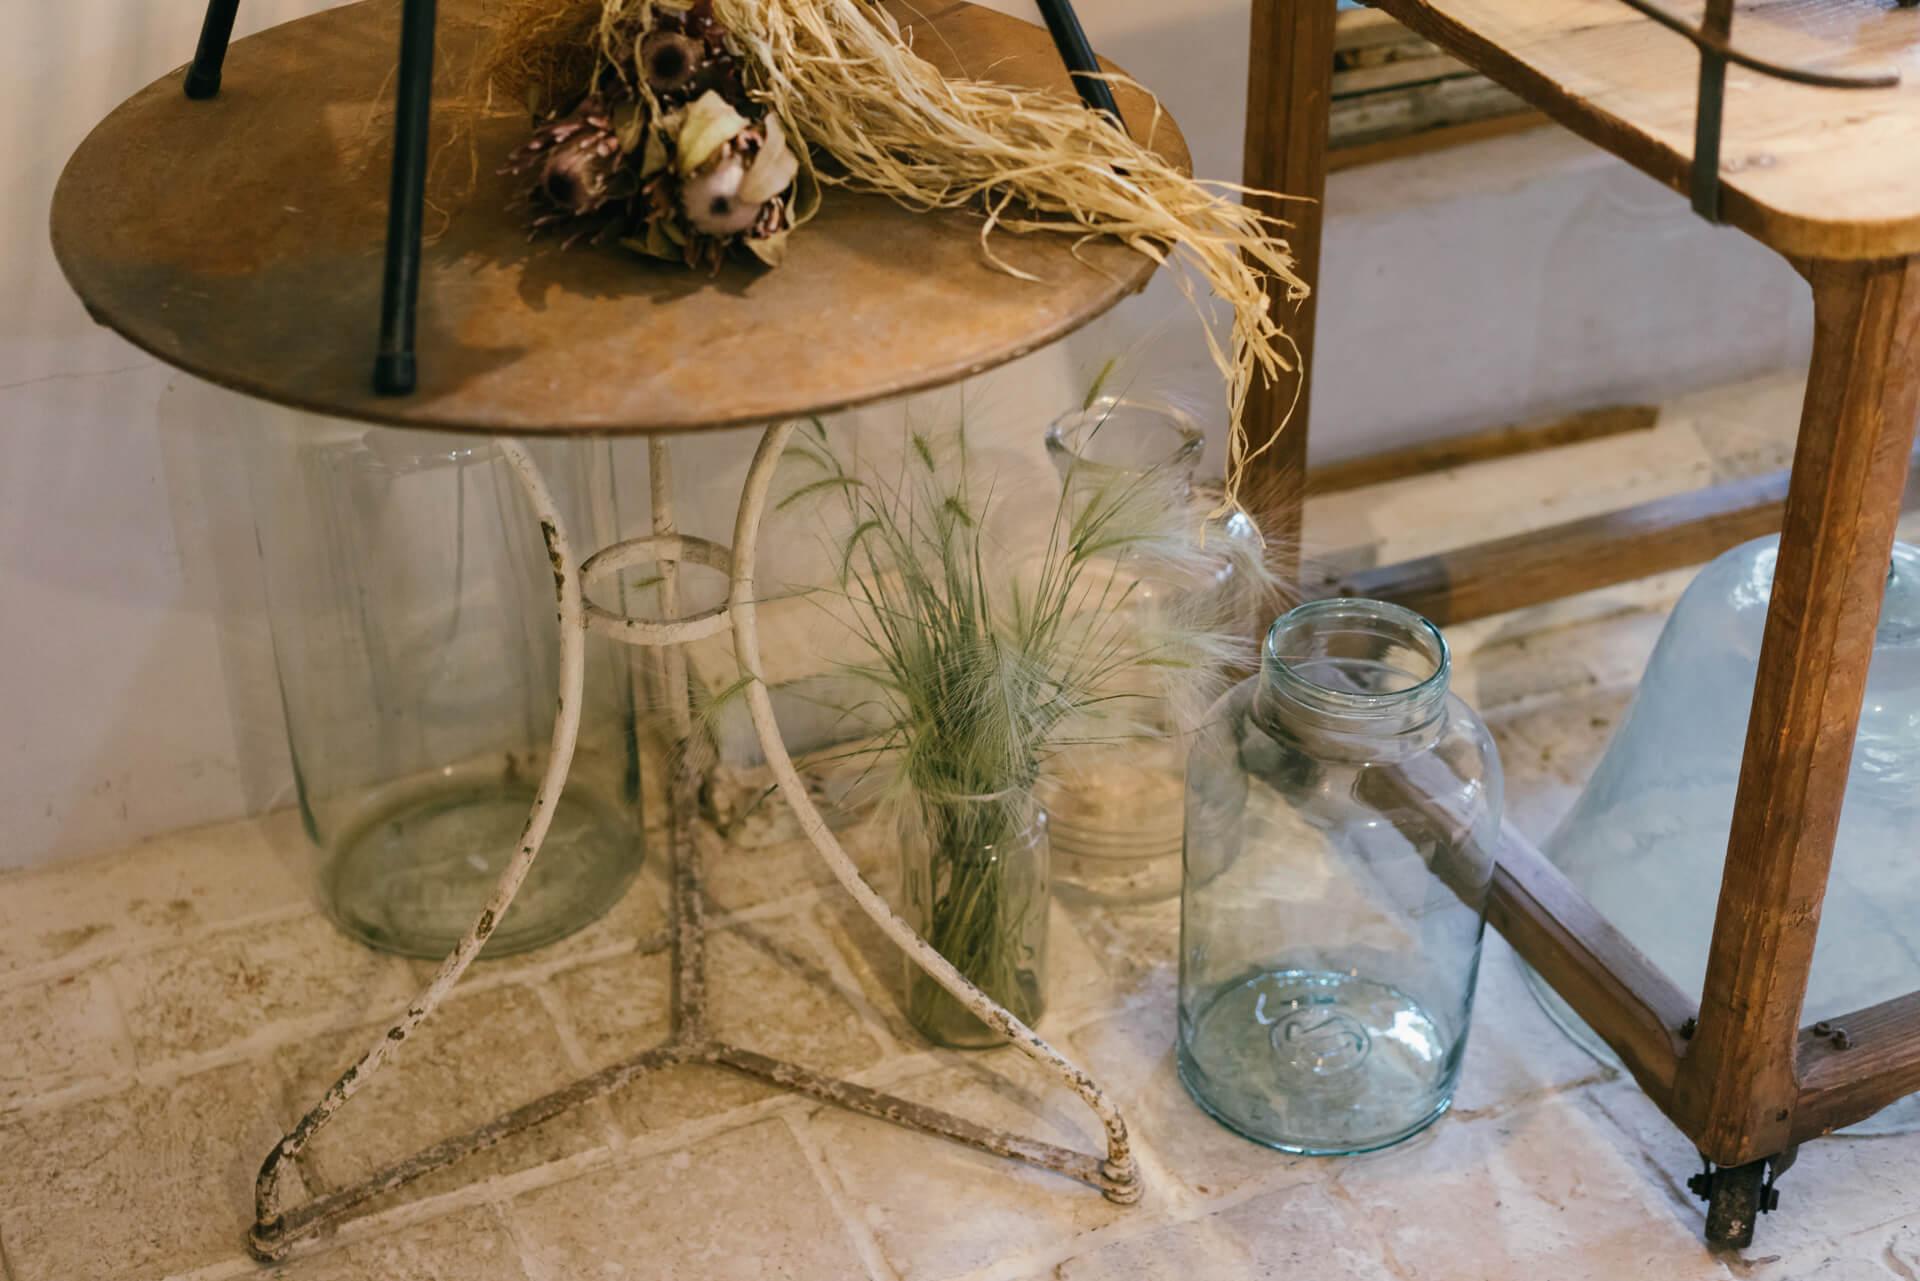 足つきの植木鉢(上左26,500円)、ガーデンテーブル(38,000円)など、お庭で楽しめるアンティークもあります。